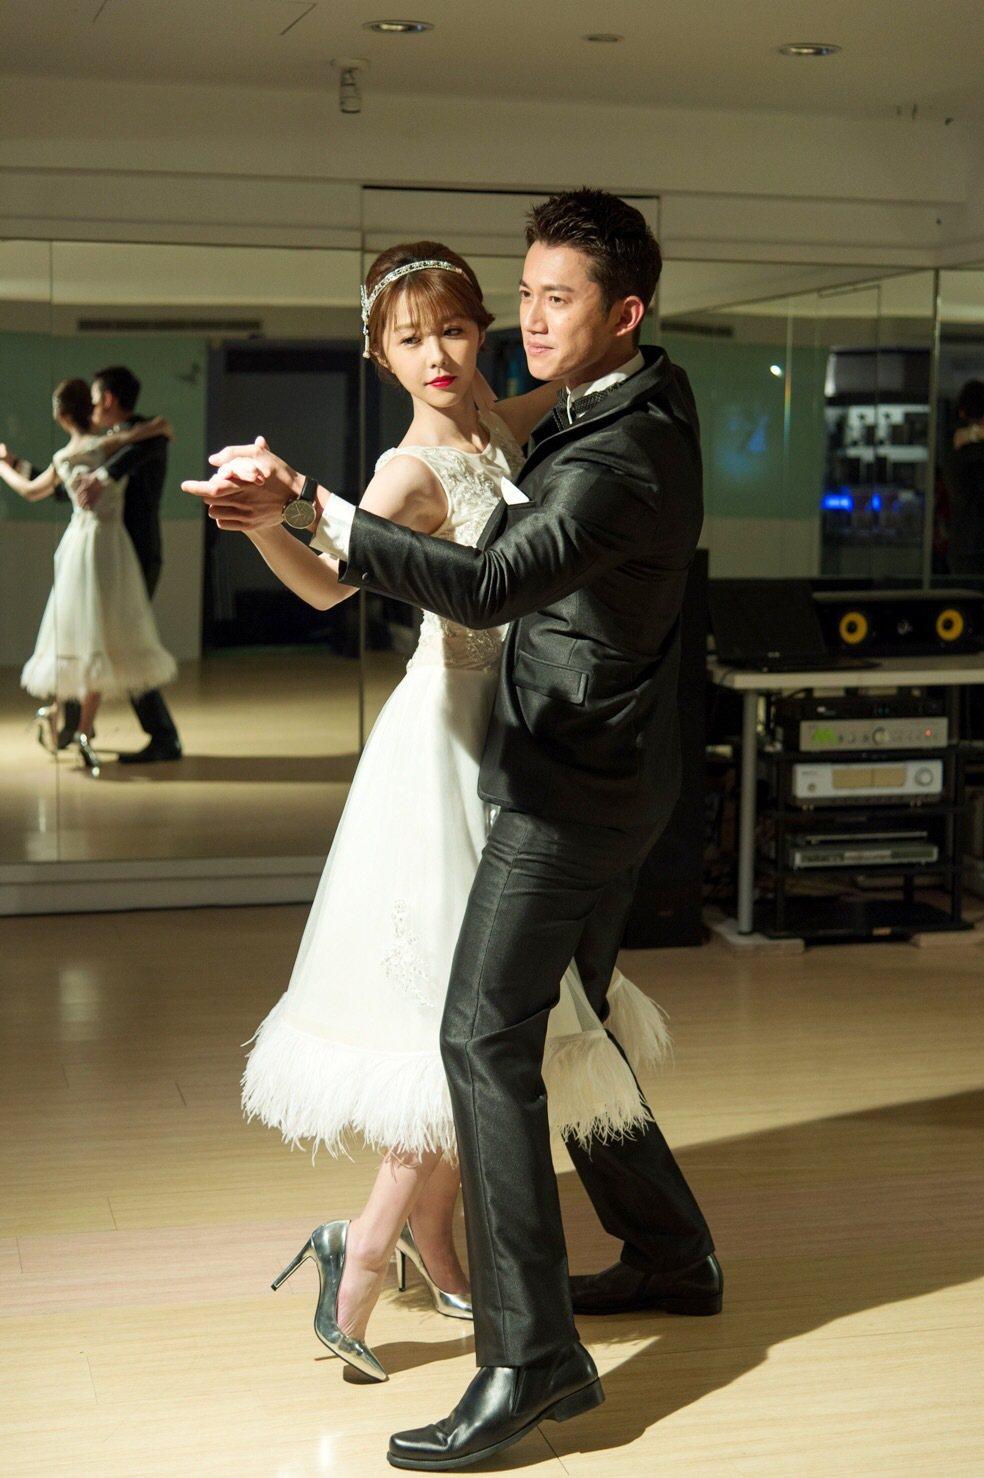 邵雨薇和吳慷仁跳舞。圖/三立提供